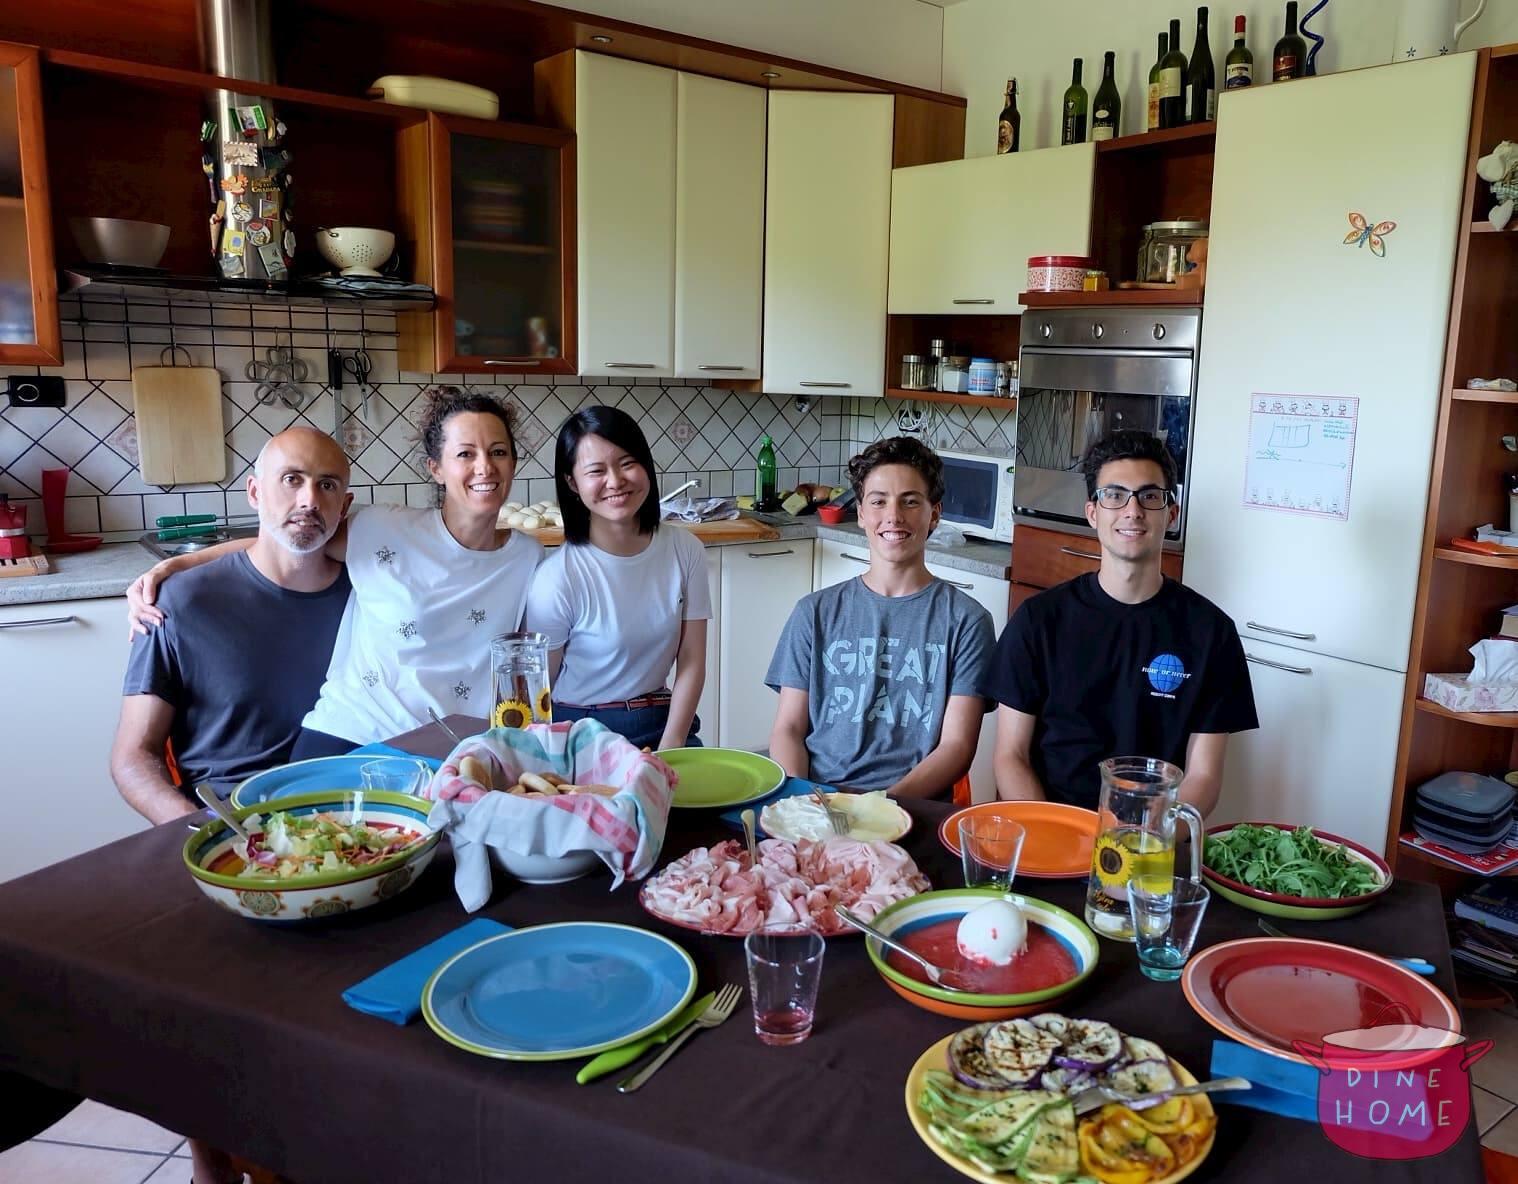 Miyu, studentessa dal Giappone, a cena dalla sua famiglia Dinehome.